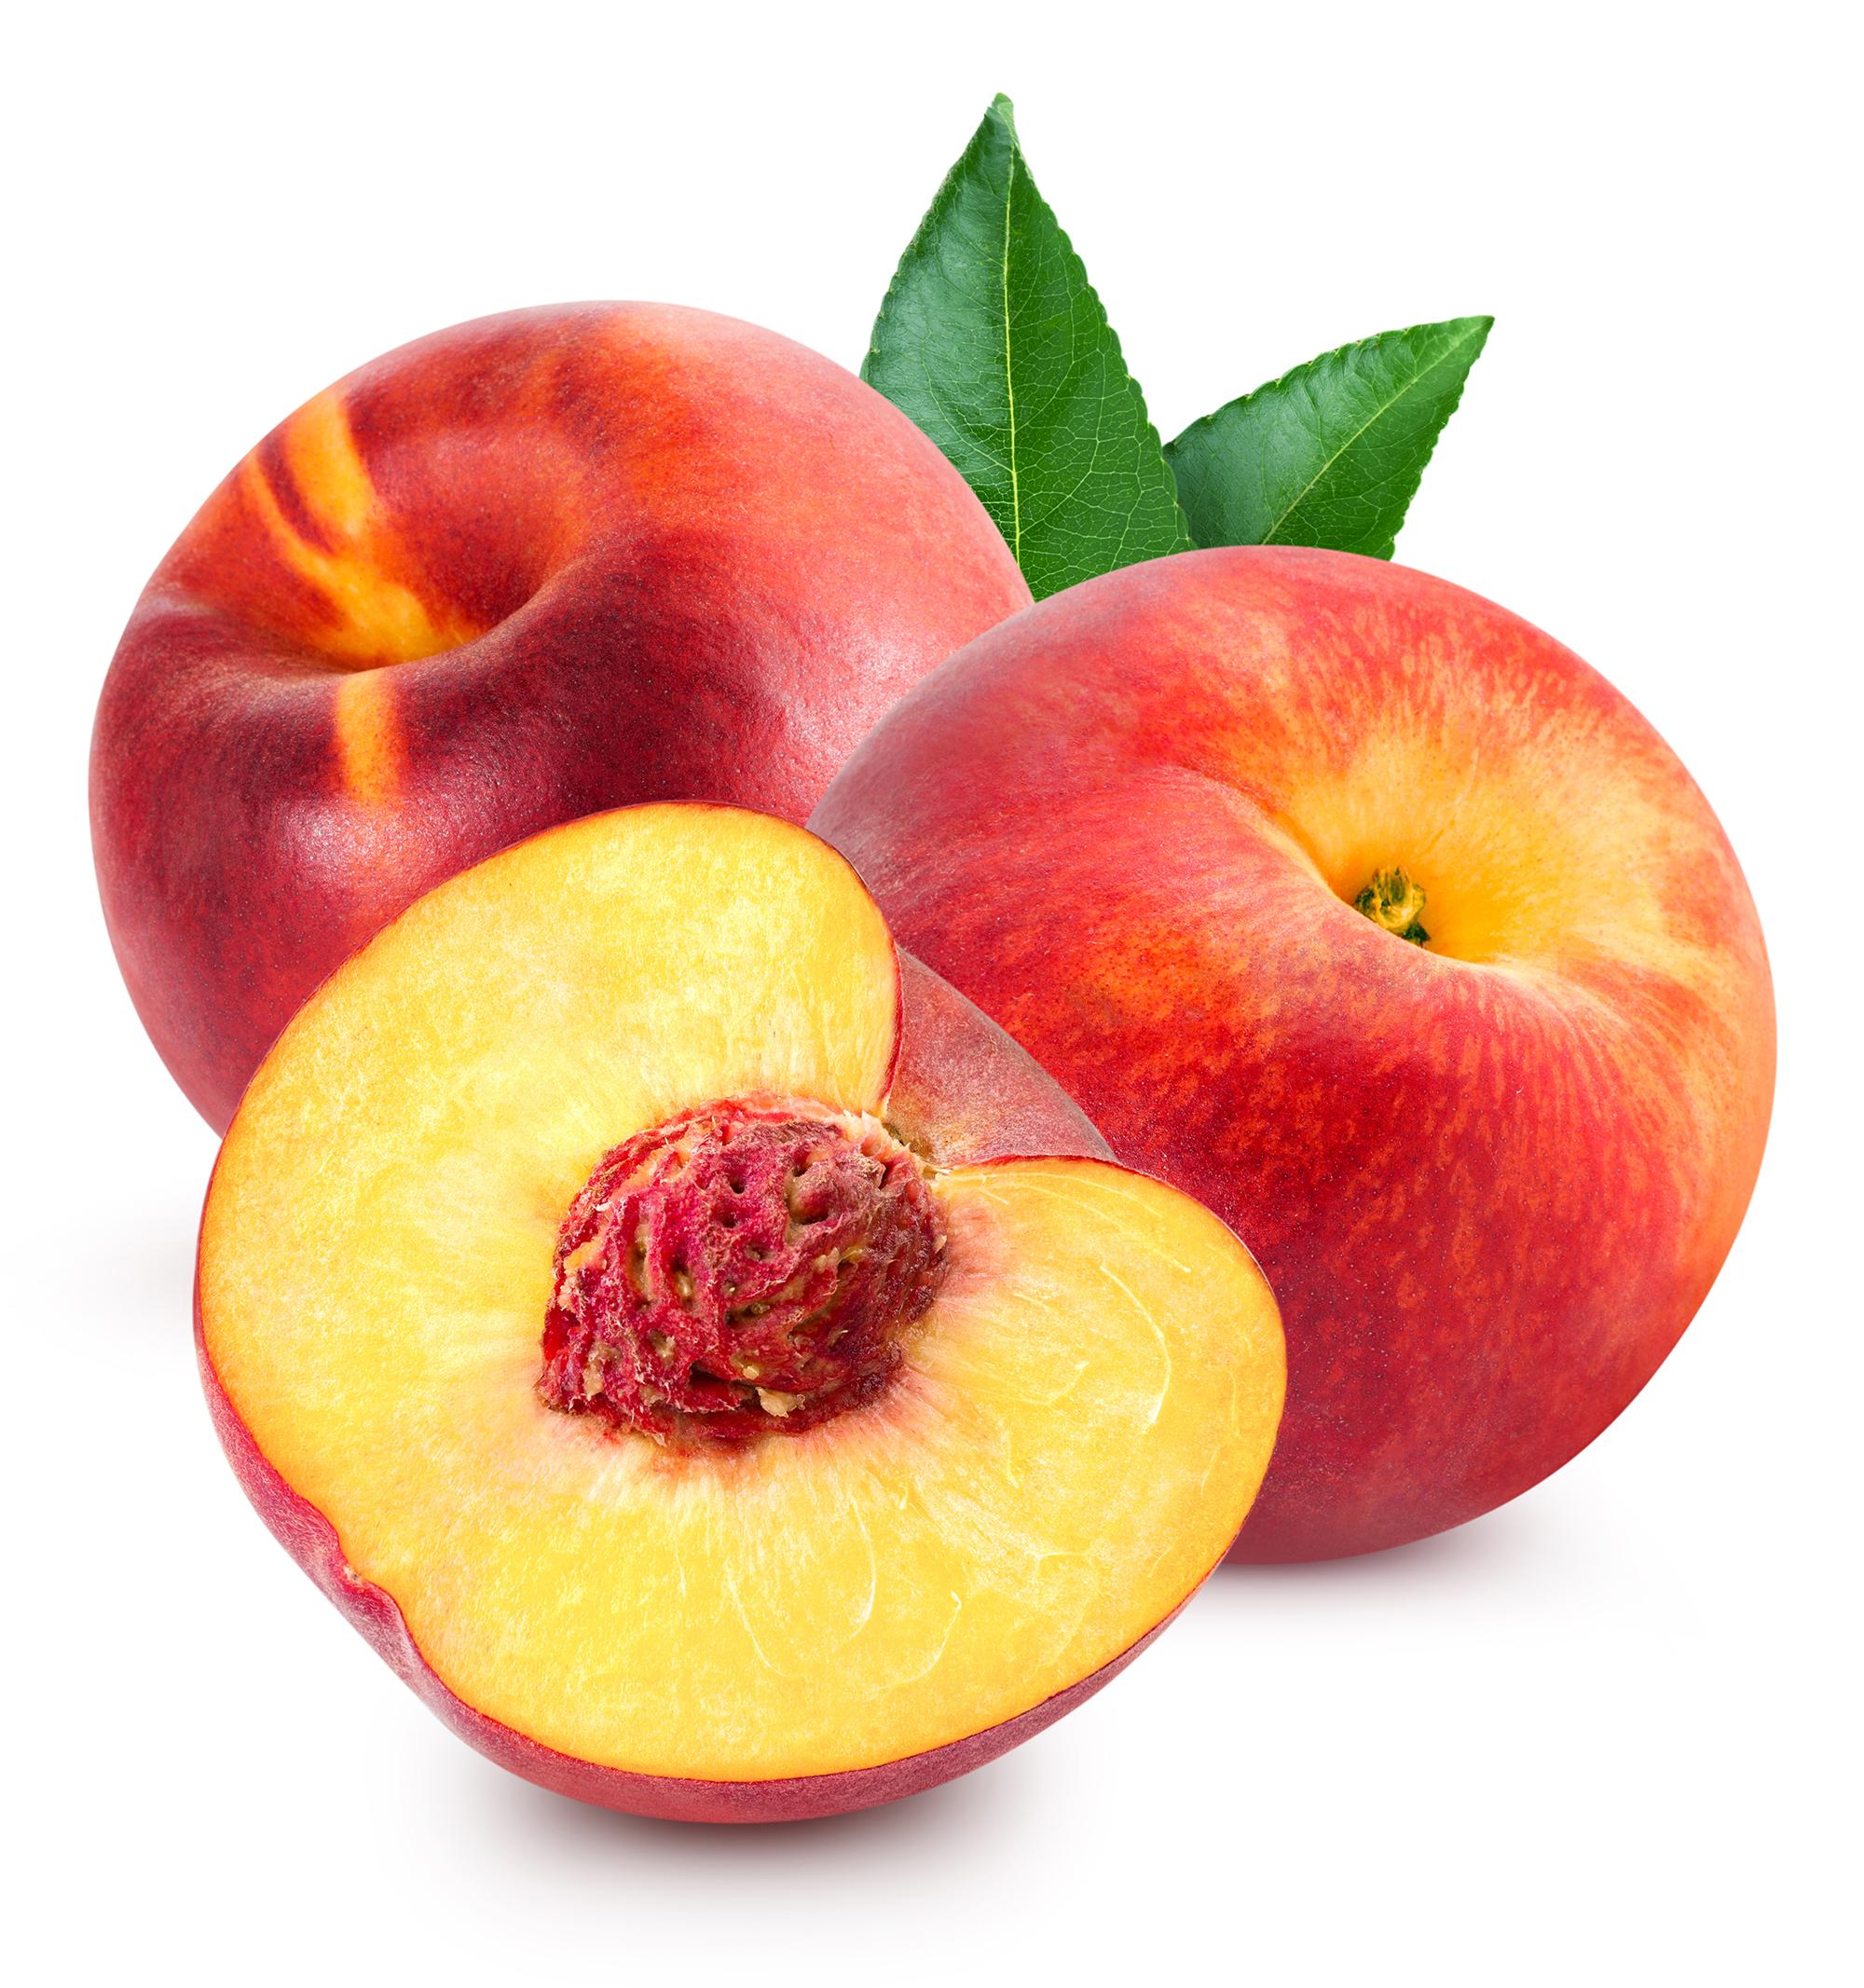 ข้อเท็จจริงเกี่ยวกับลูกพีช 7 อันดับ ของข้อดีด้านสุขภาพ